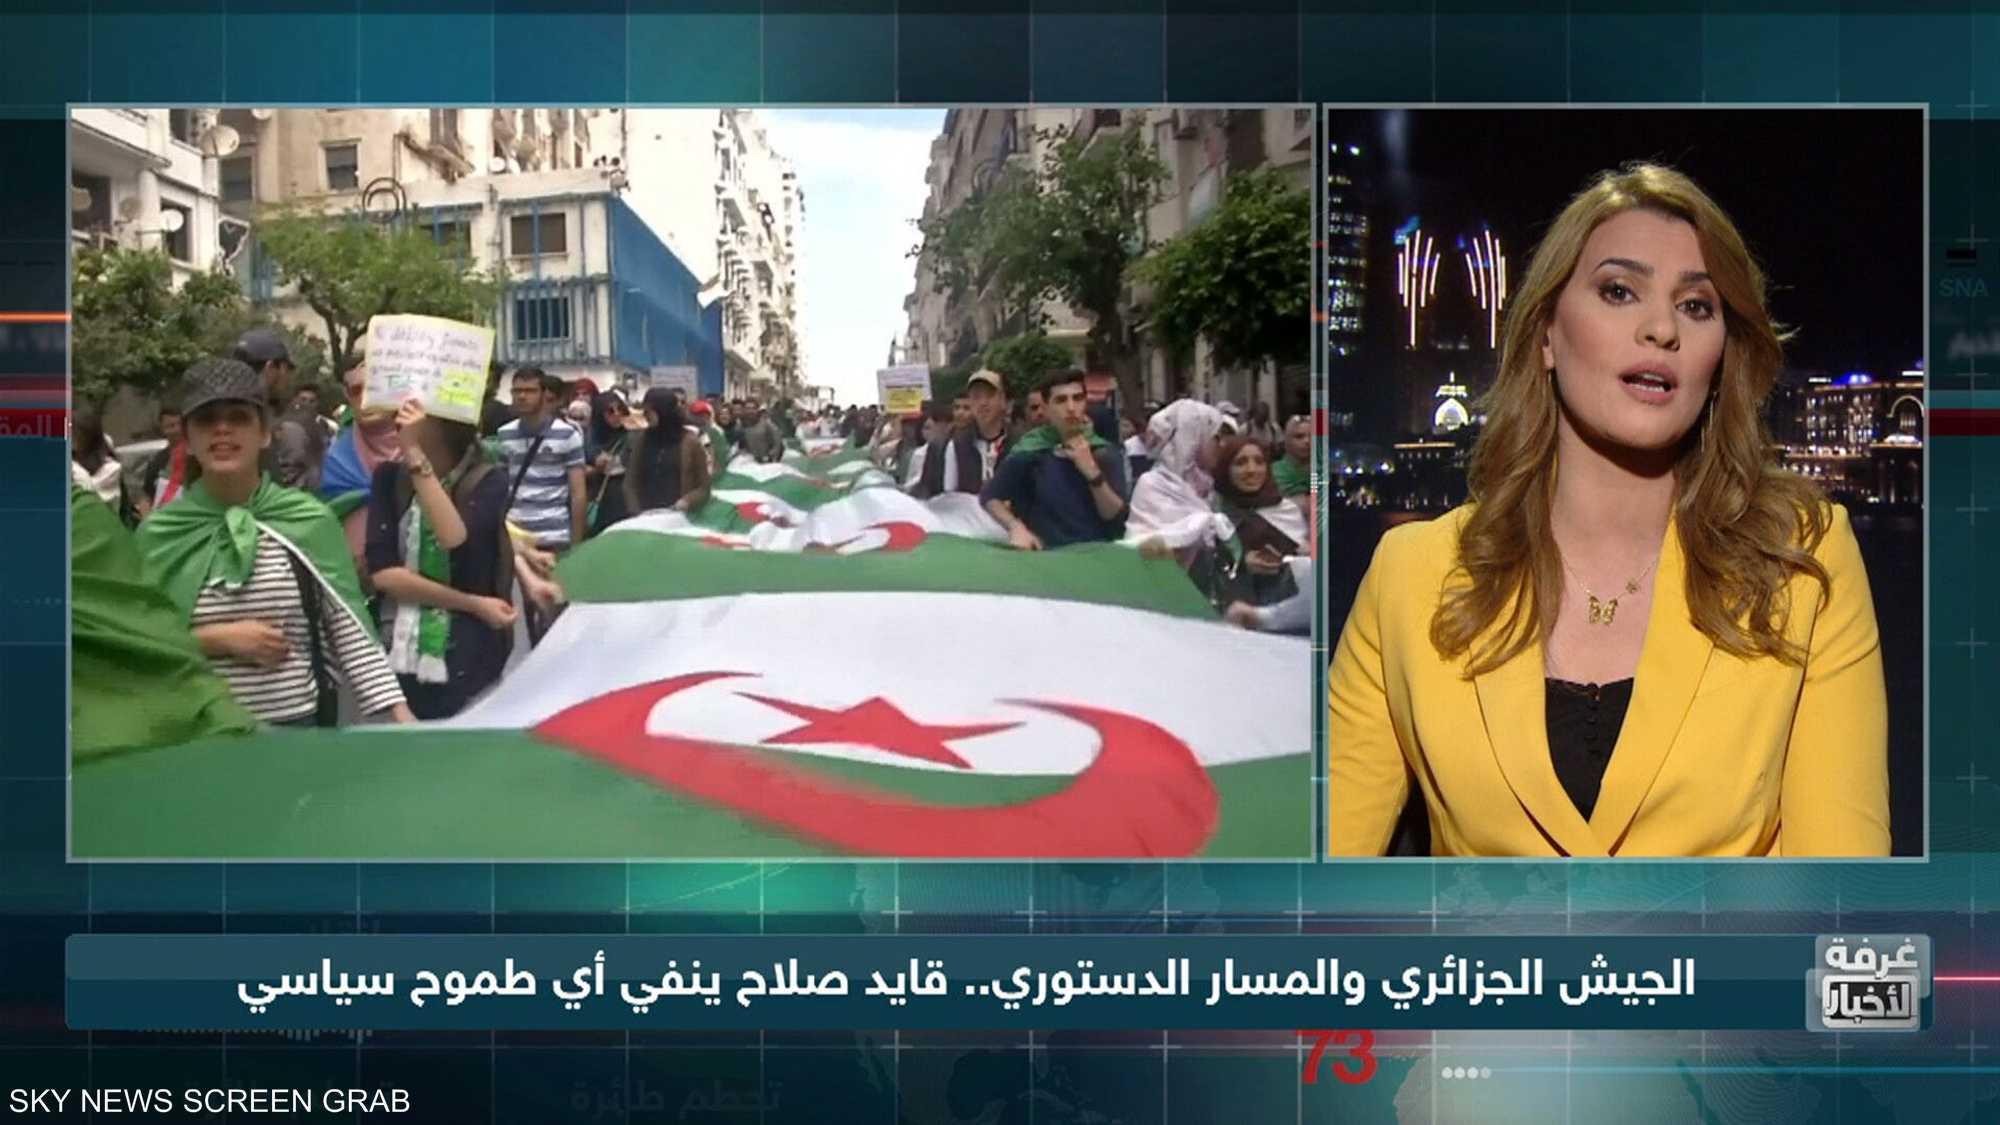 الجيش الجزائري والمسار الدستوري.. قايد صلاح ينفي أي طموح سيا